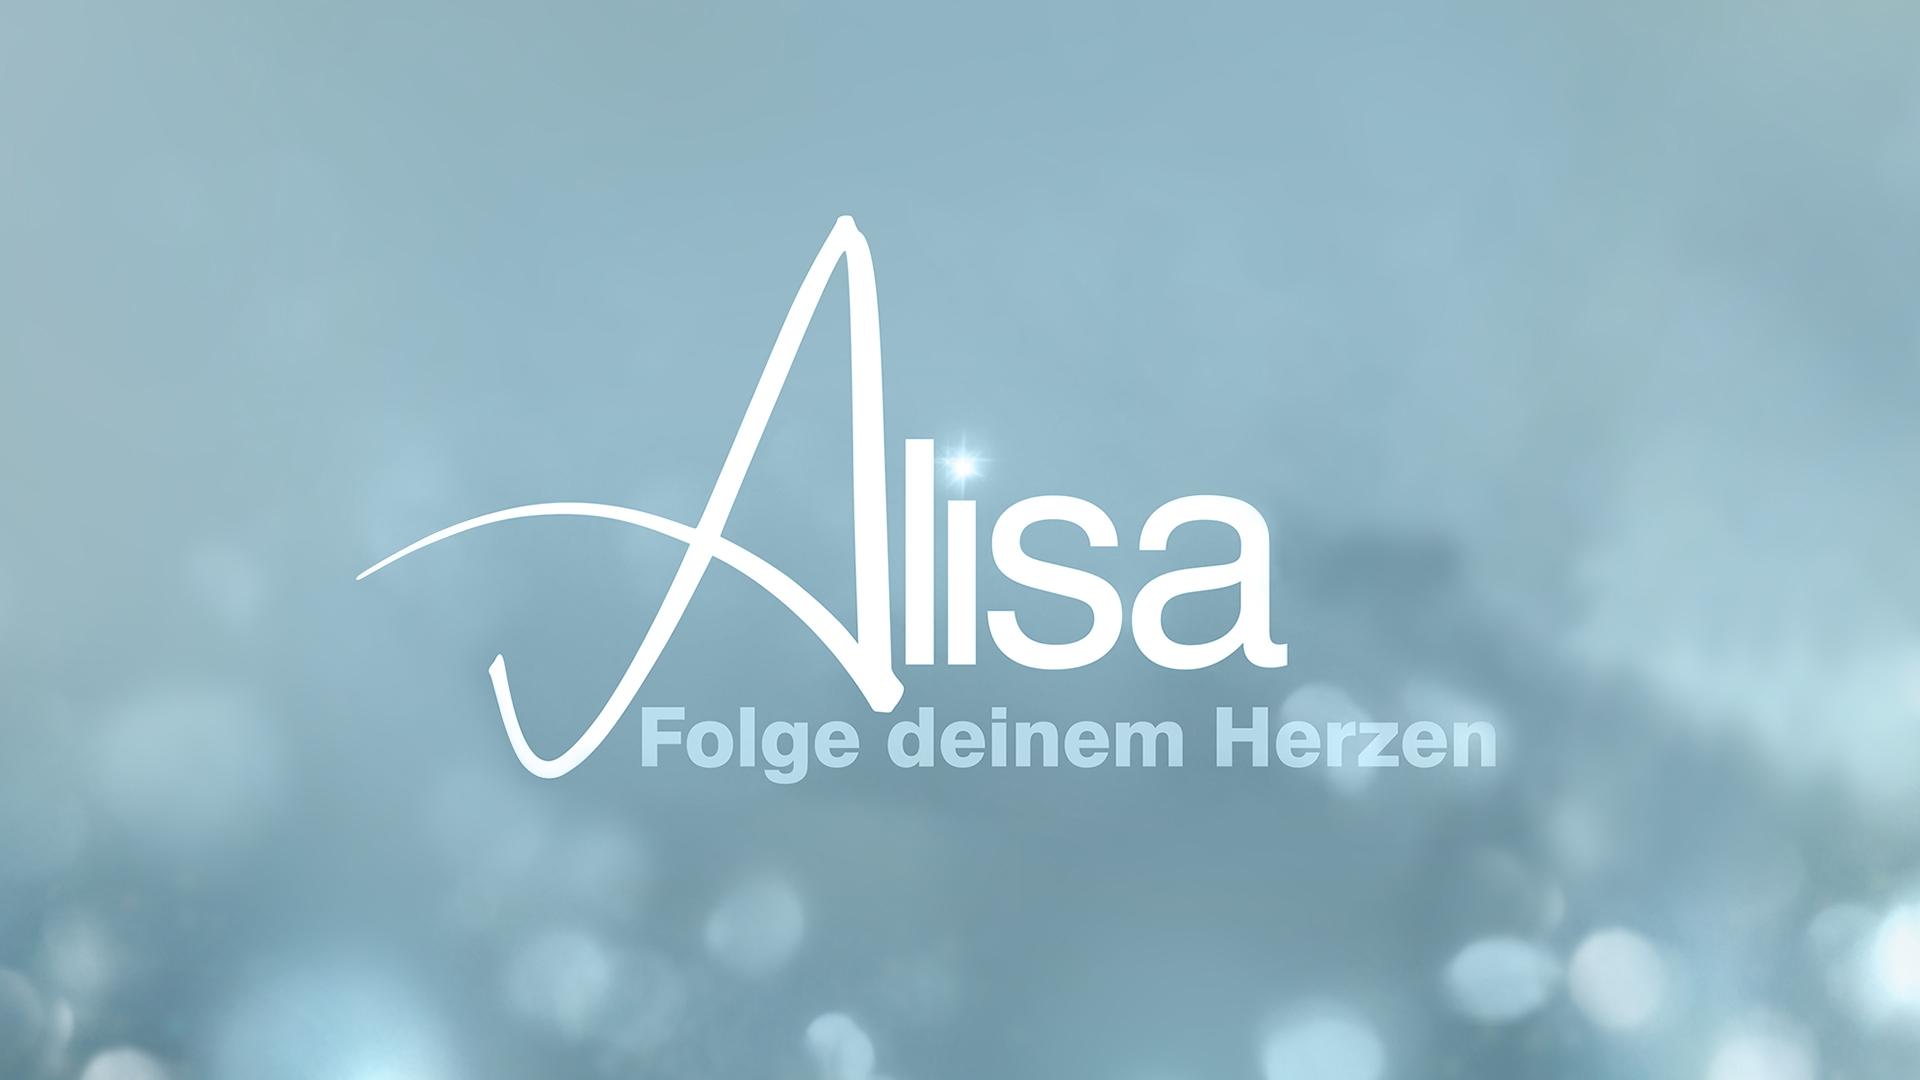 Alisa Folge deinem Herzen